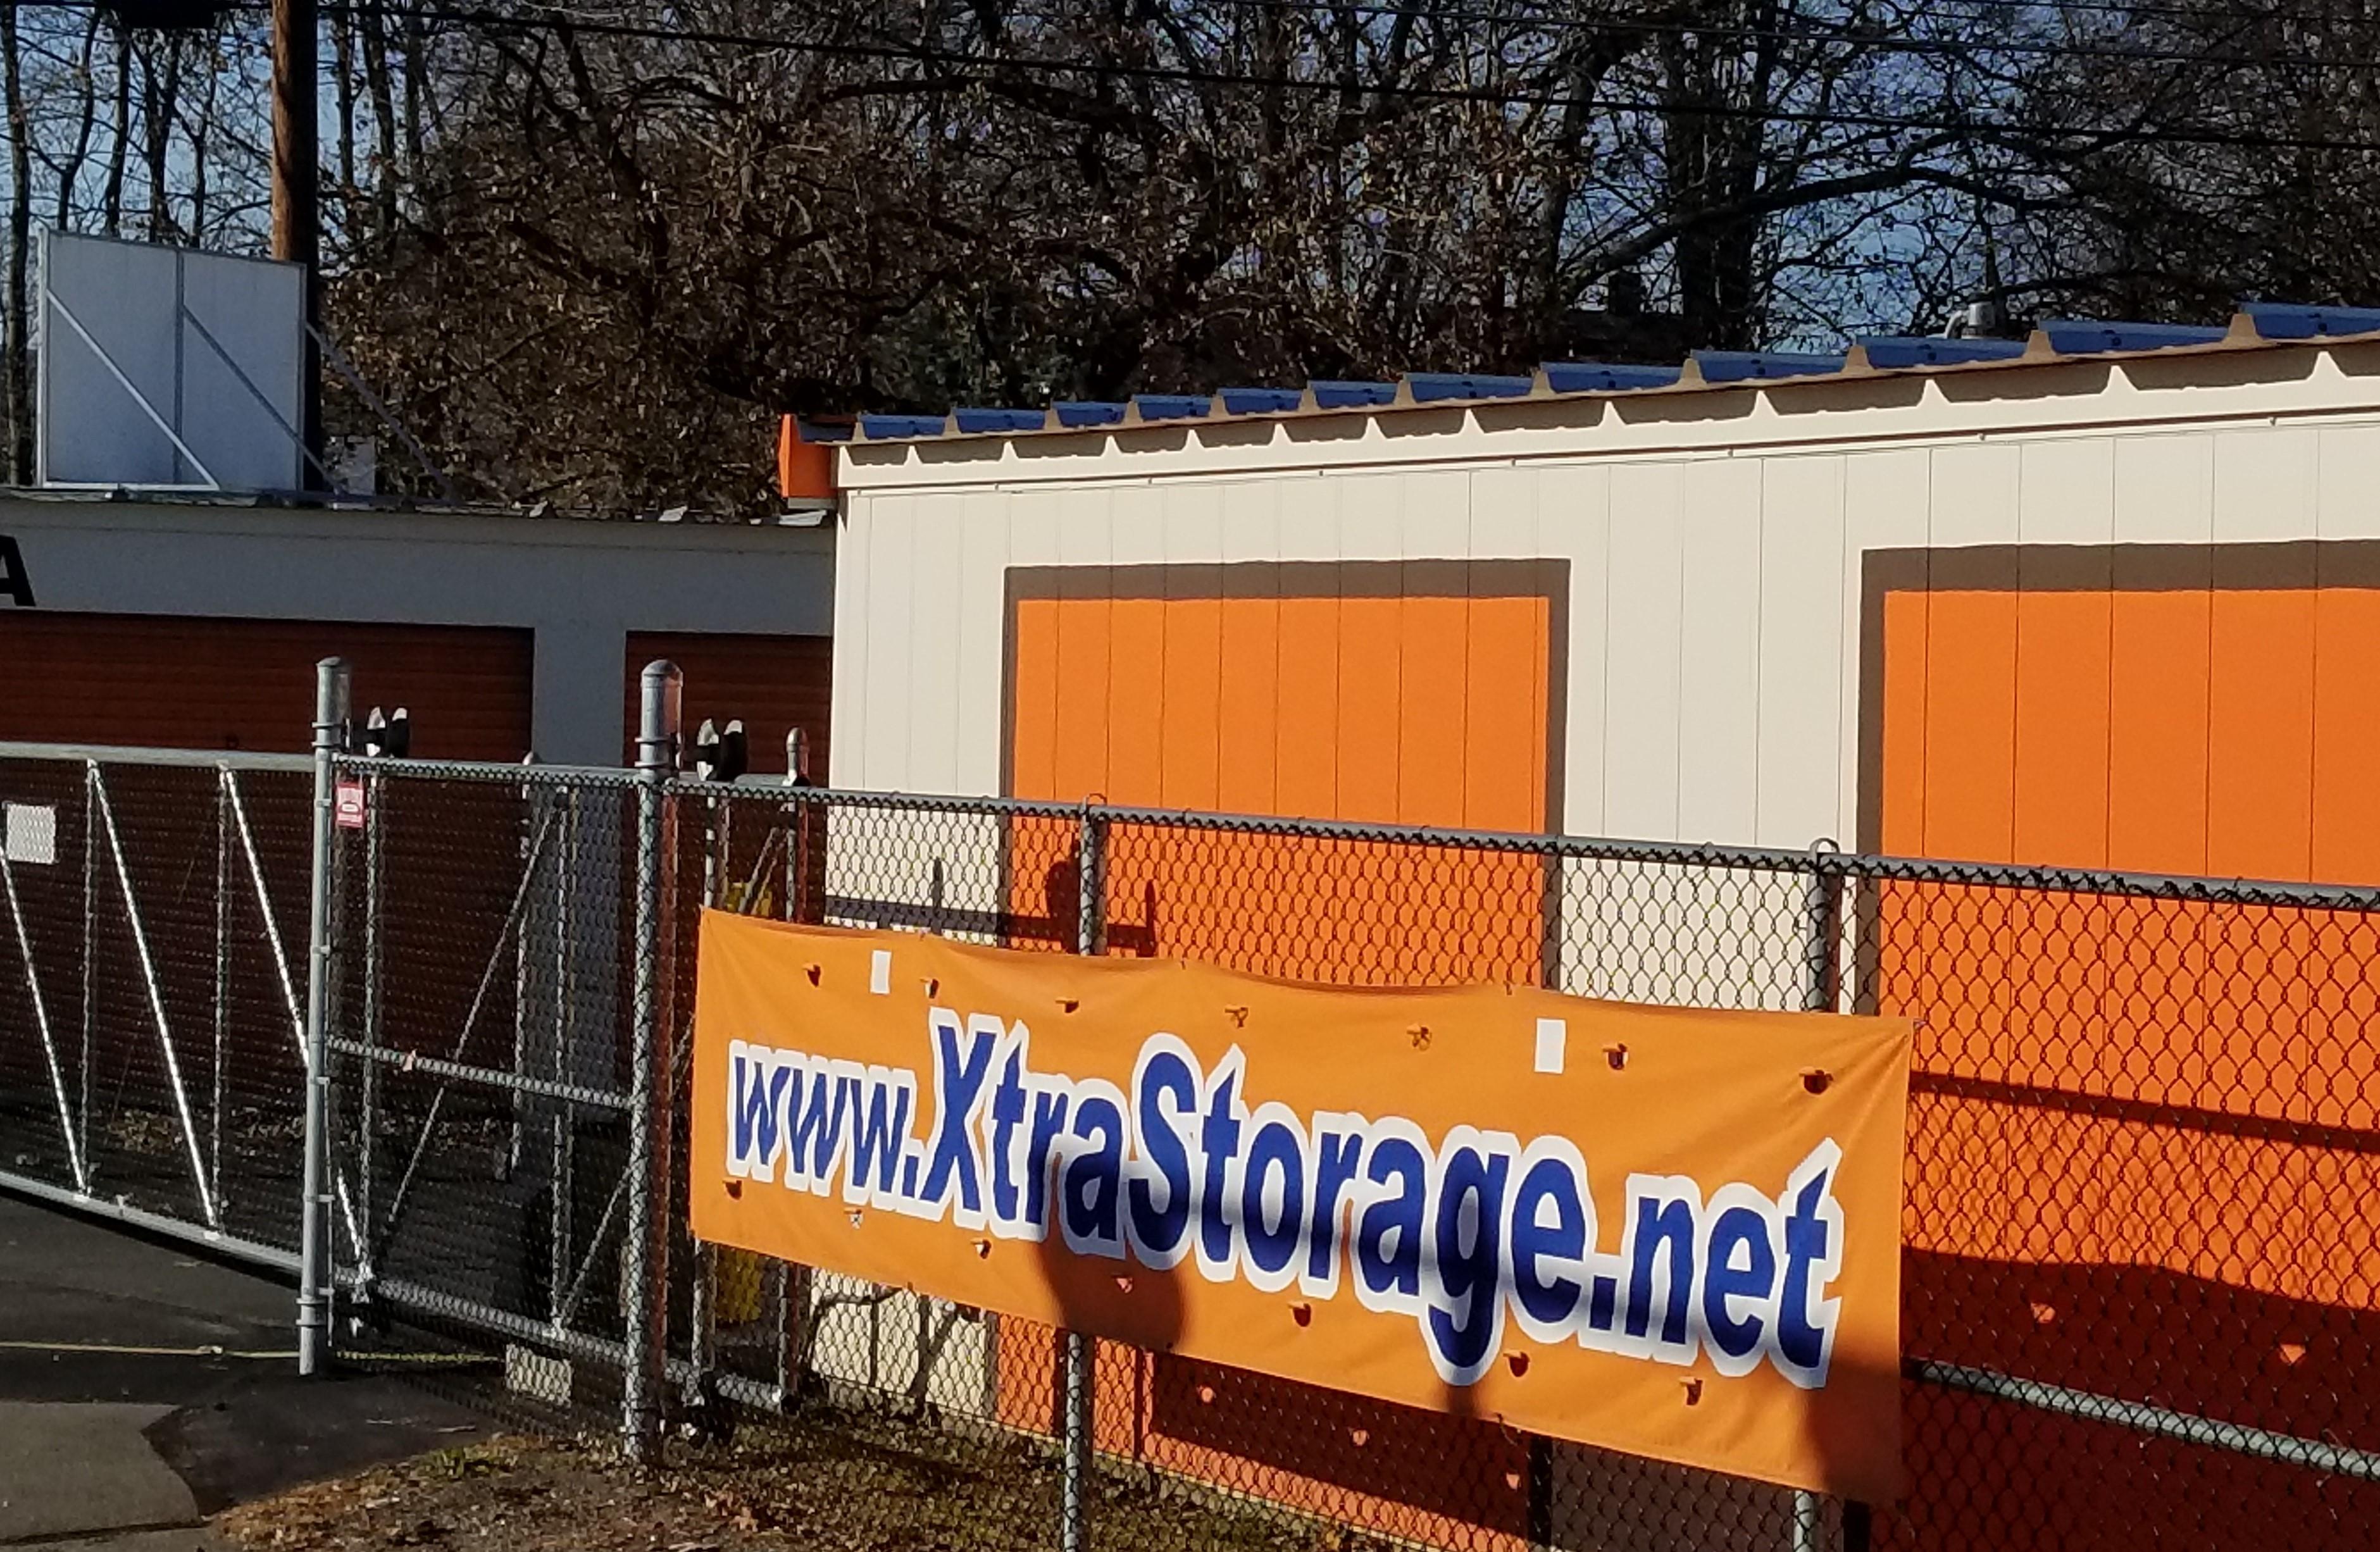 X-tra Storage Inc. image 7